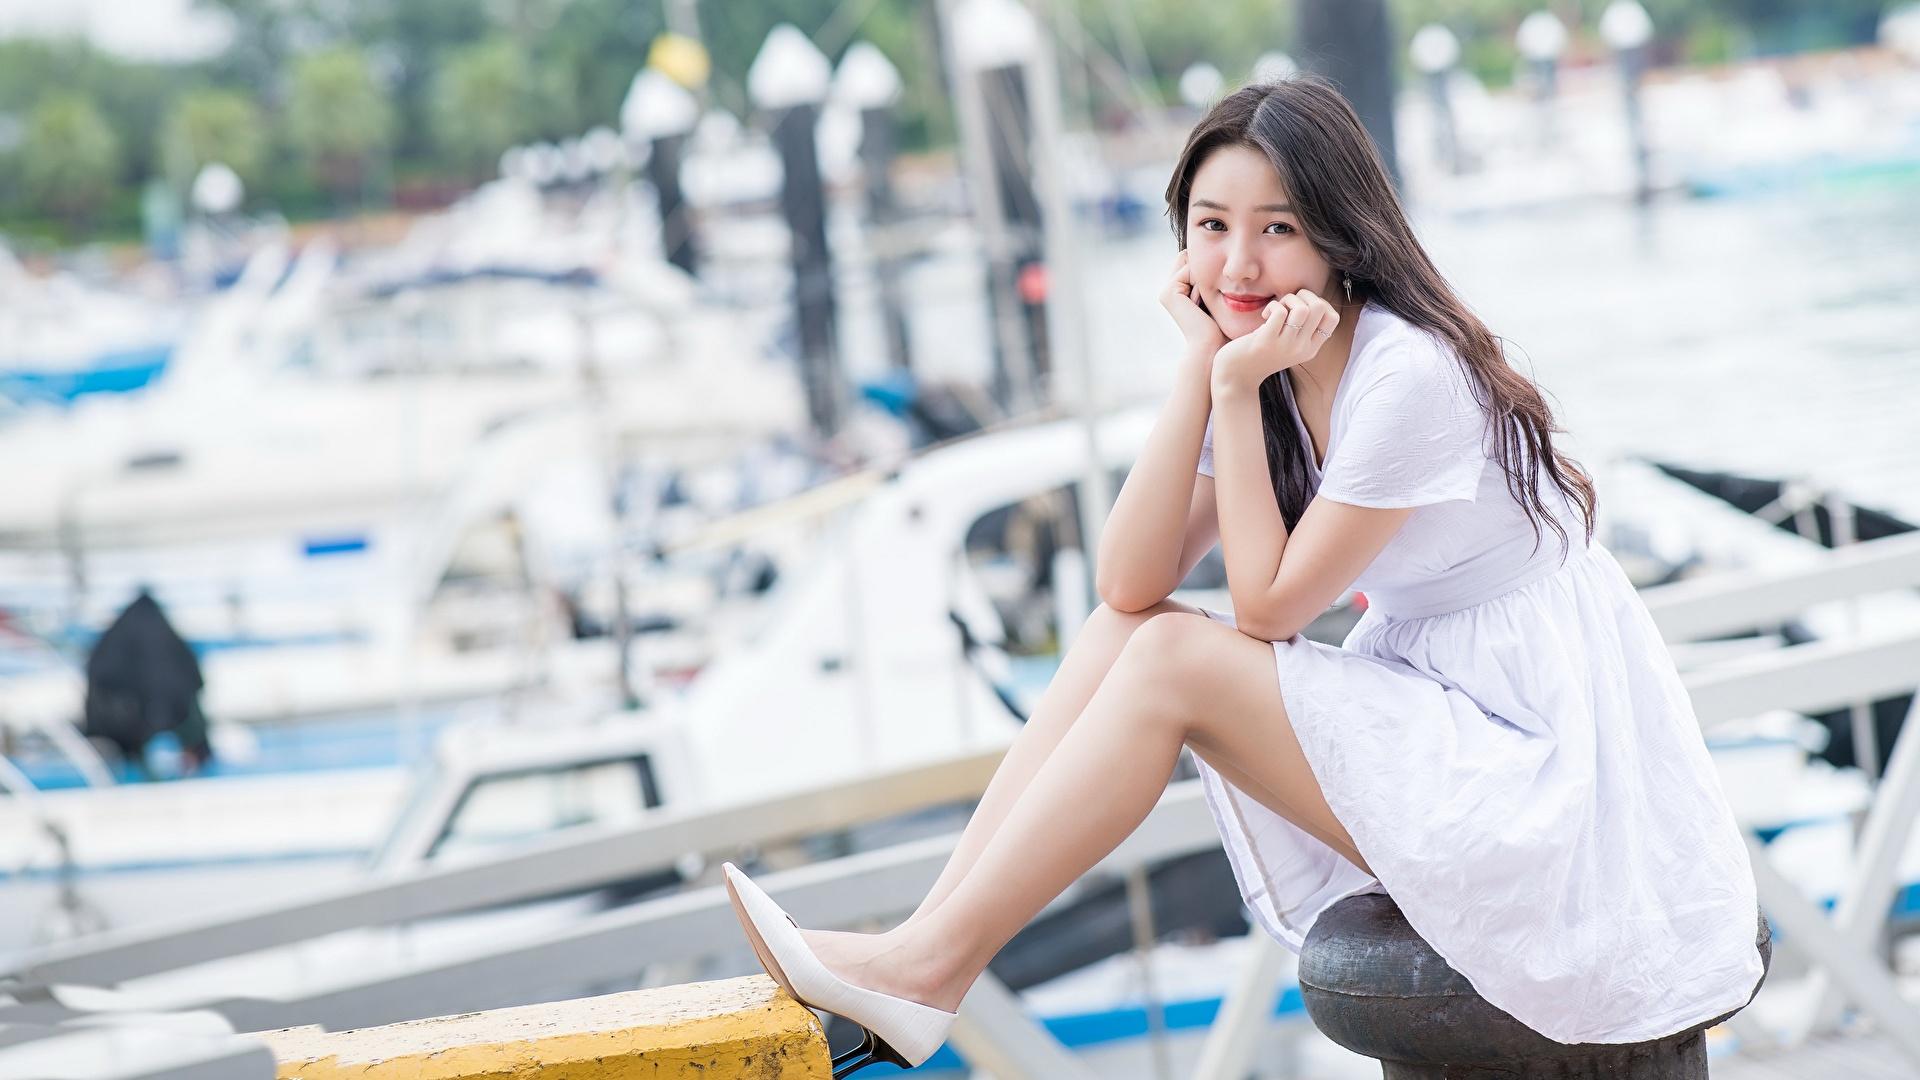 Immagine Ragazza capelli castani Bokeh giovane donna Asiatici Le gambe Seduto Braccia Abito 1920x1080 sfondo sfocato ragazza Ragazze giovani donne asiatico sedute seduta Le mani Vestito